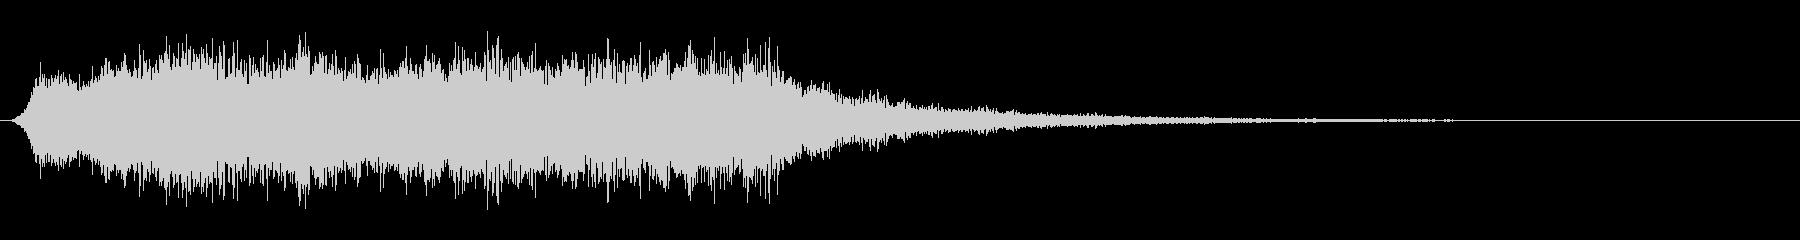 パッド エアリー合唱団ブライト02の未再生の波形